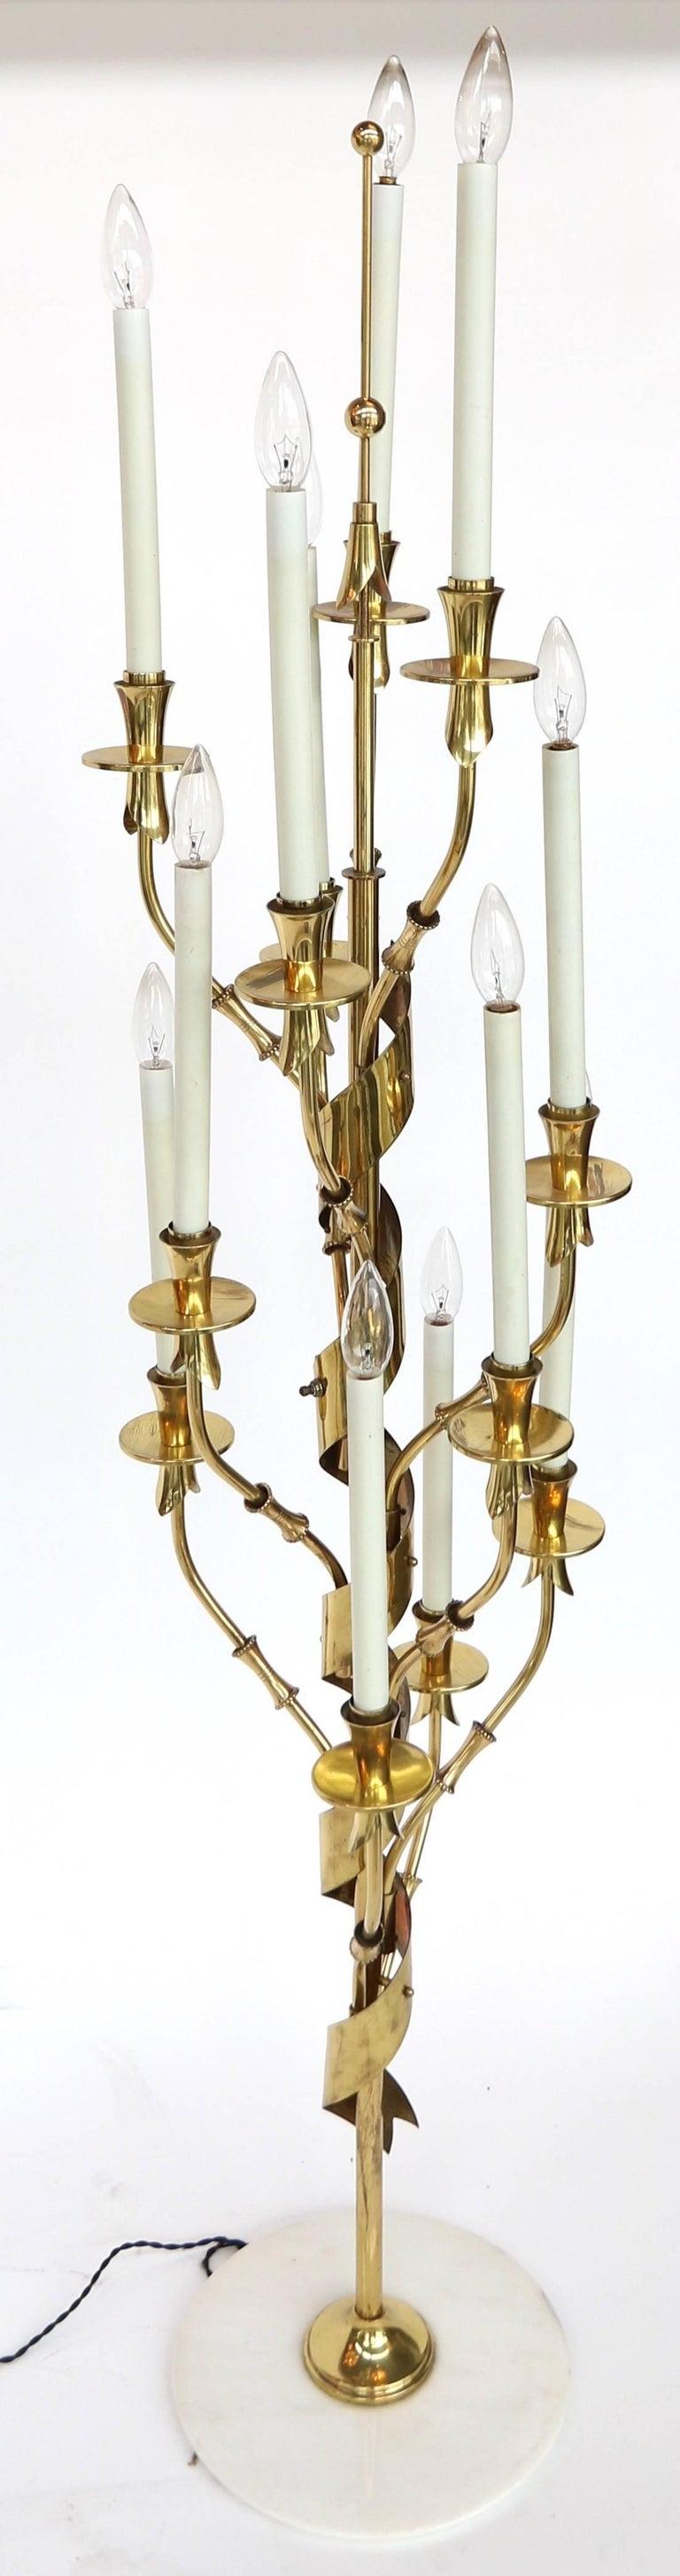 1950s Stilnovo brass candelabra floor lamp with nine-light and marble base.